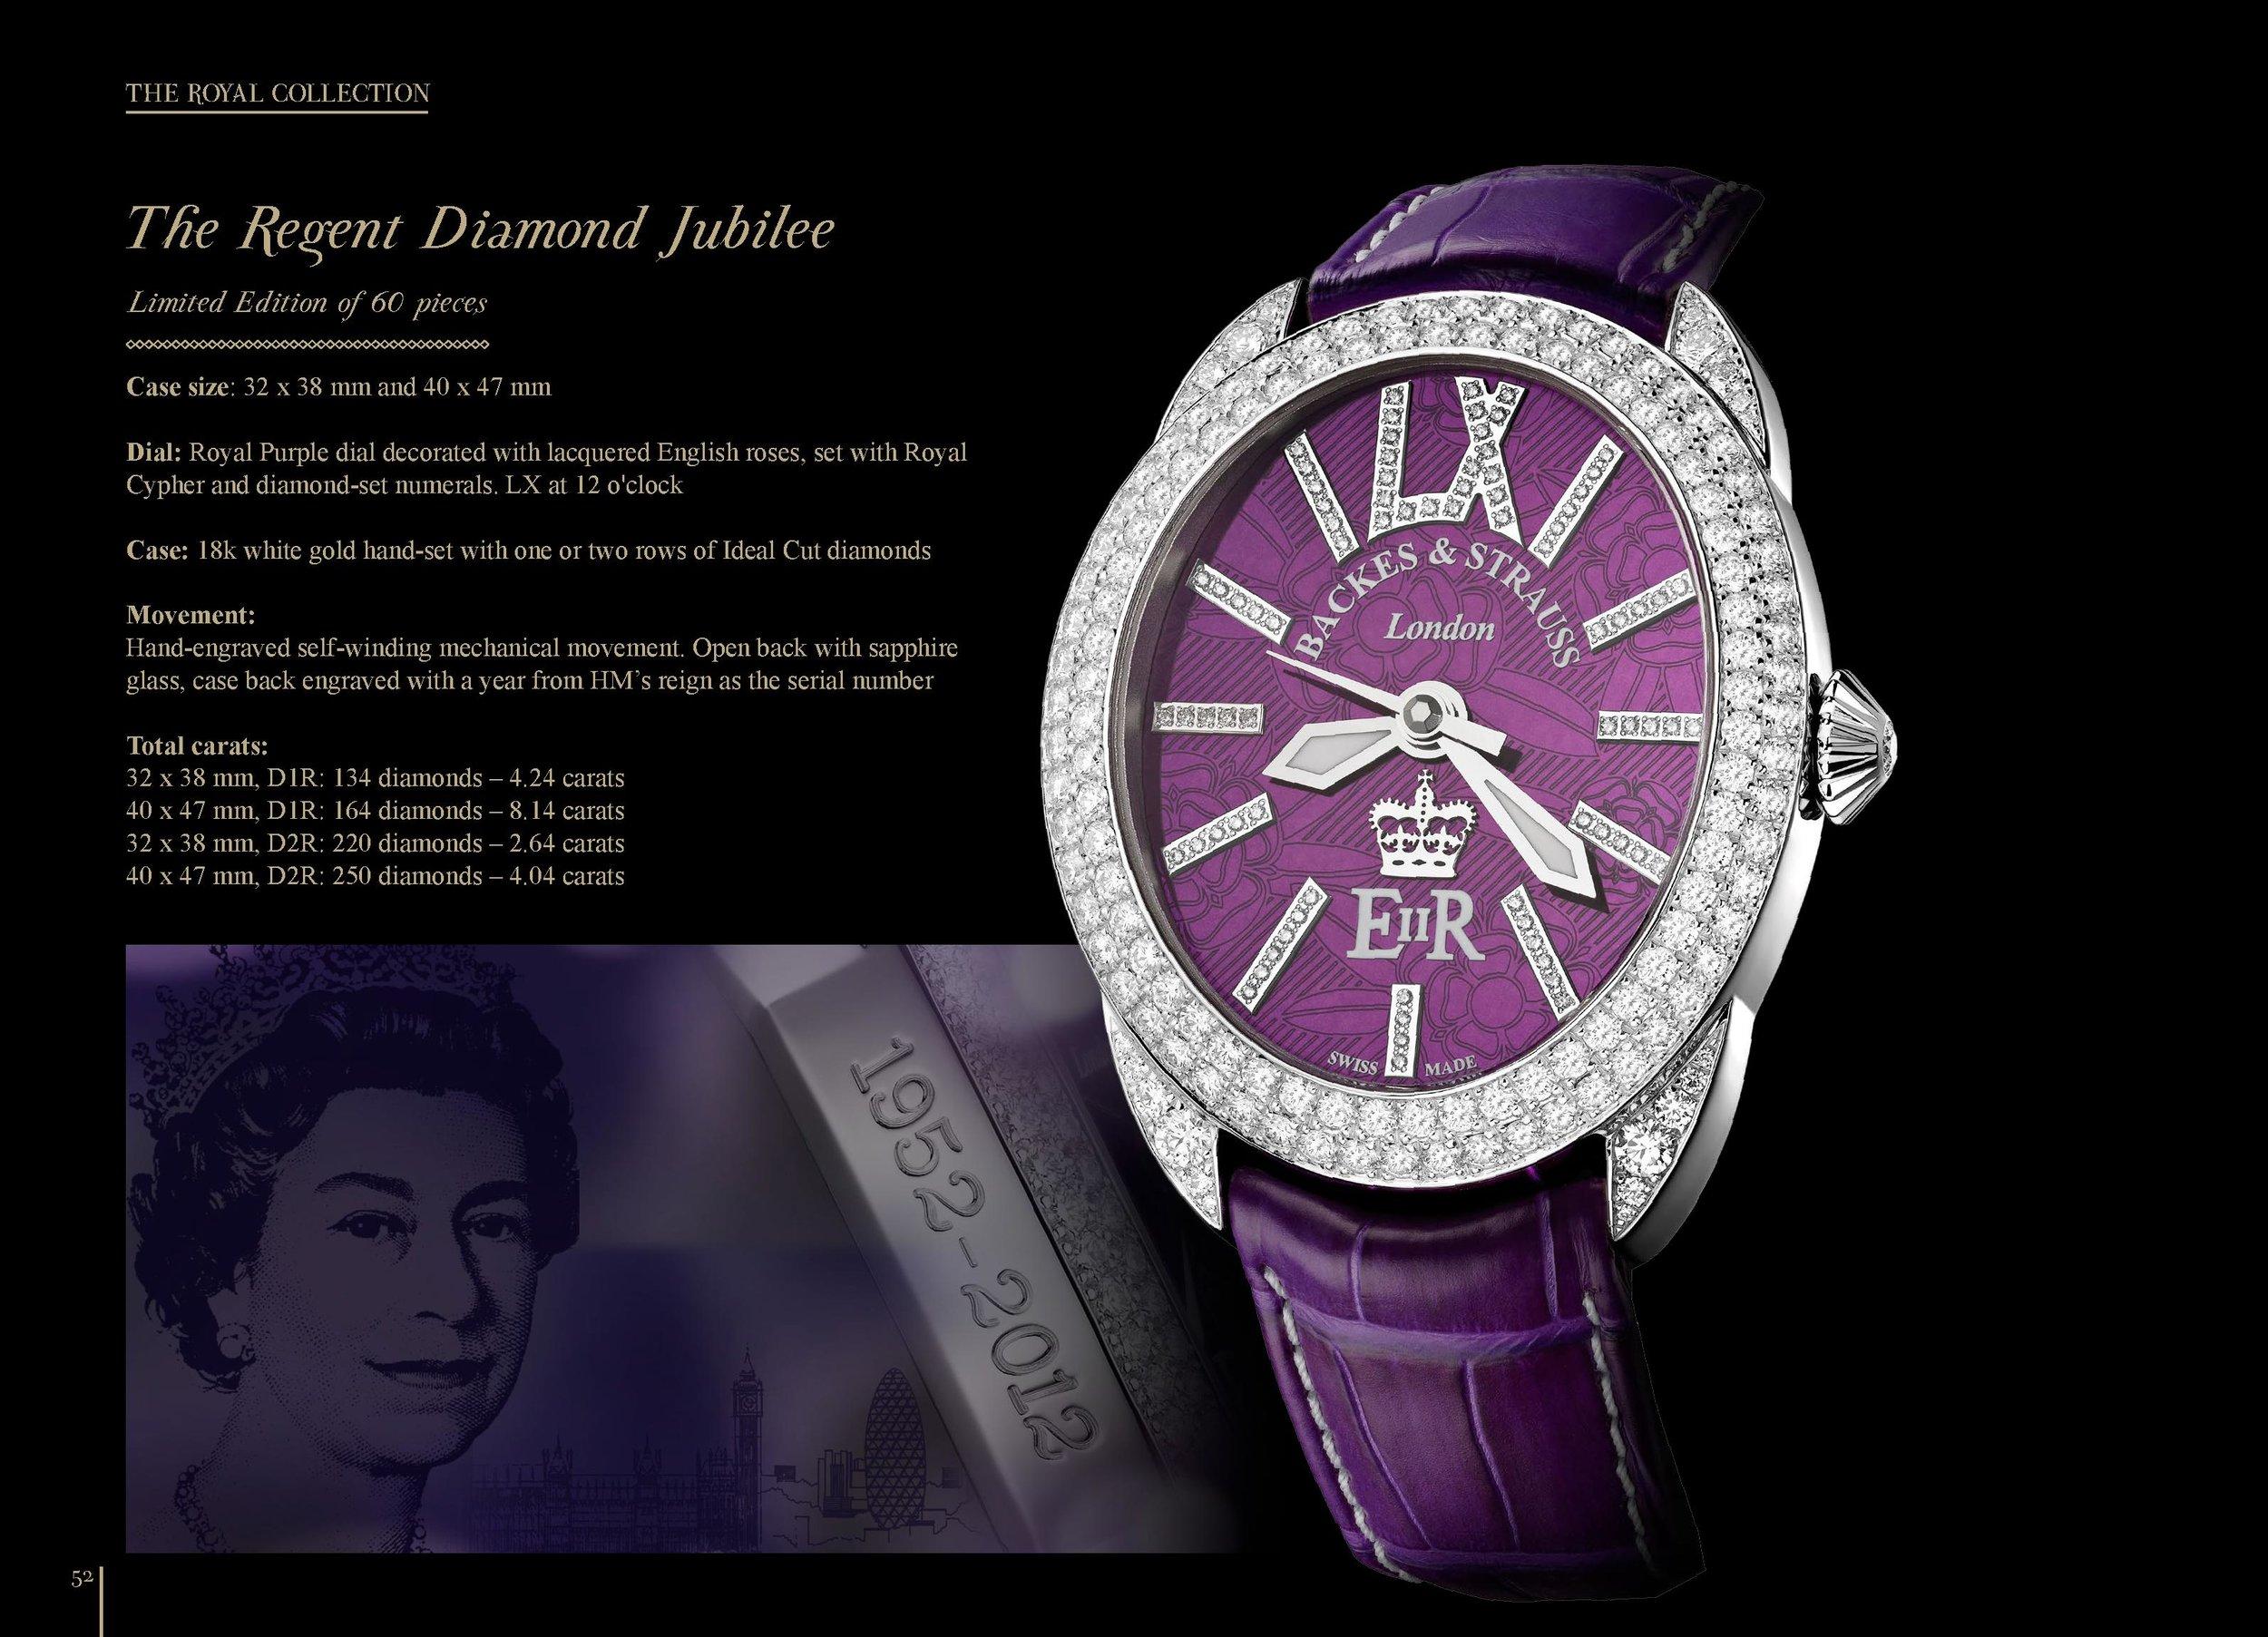 The Regent Diamond Jubilee watch